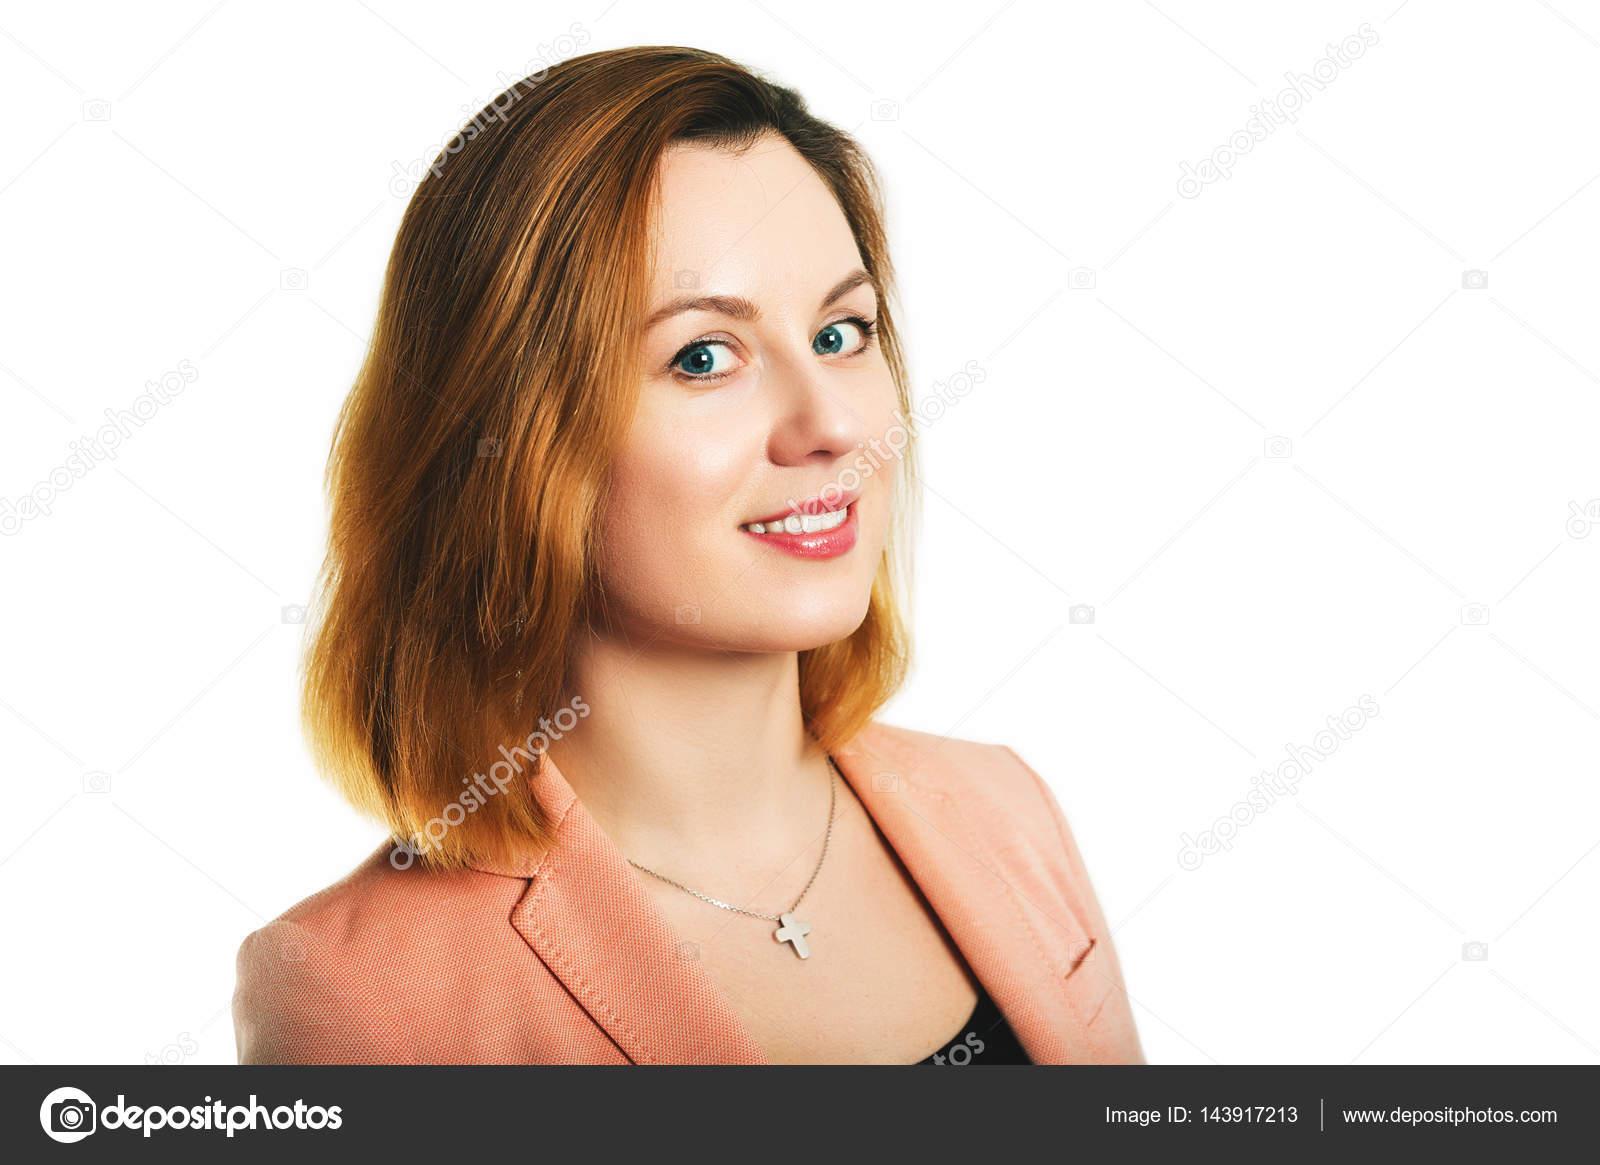 Geschäftsporträt einer 35-jährigen Frau in